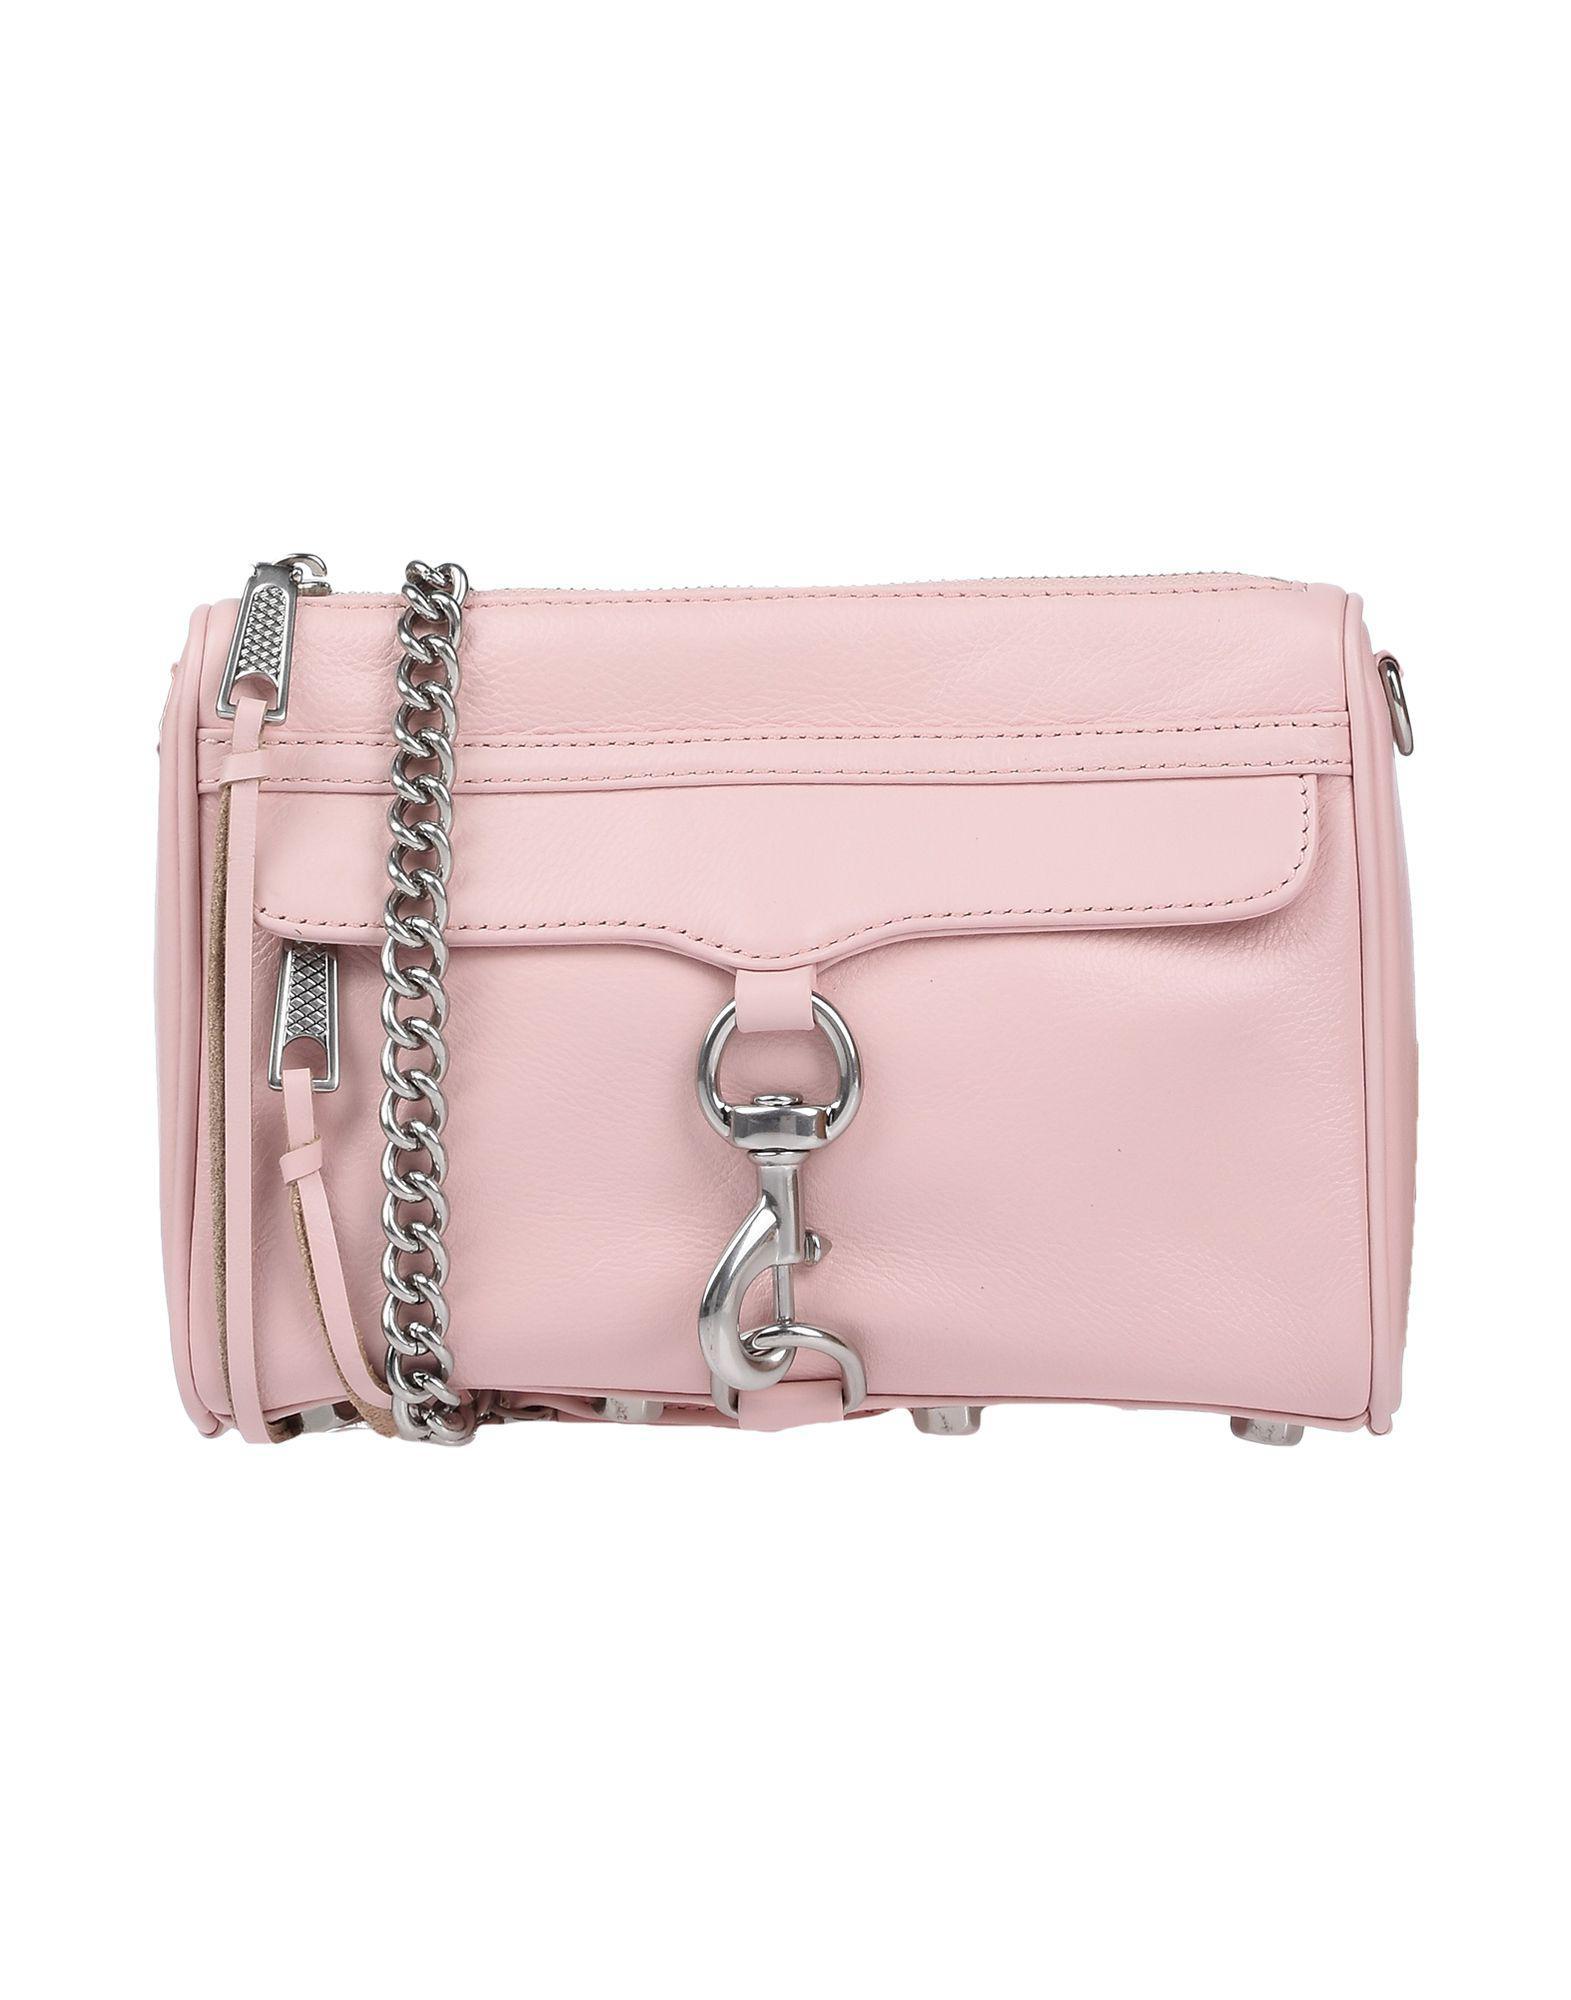 31c5081d099f7 Lyst - Rebecca Minkoff Umhängetasche in Pink